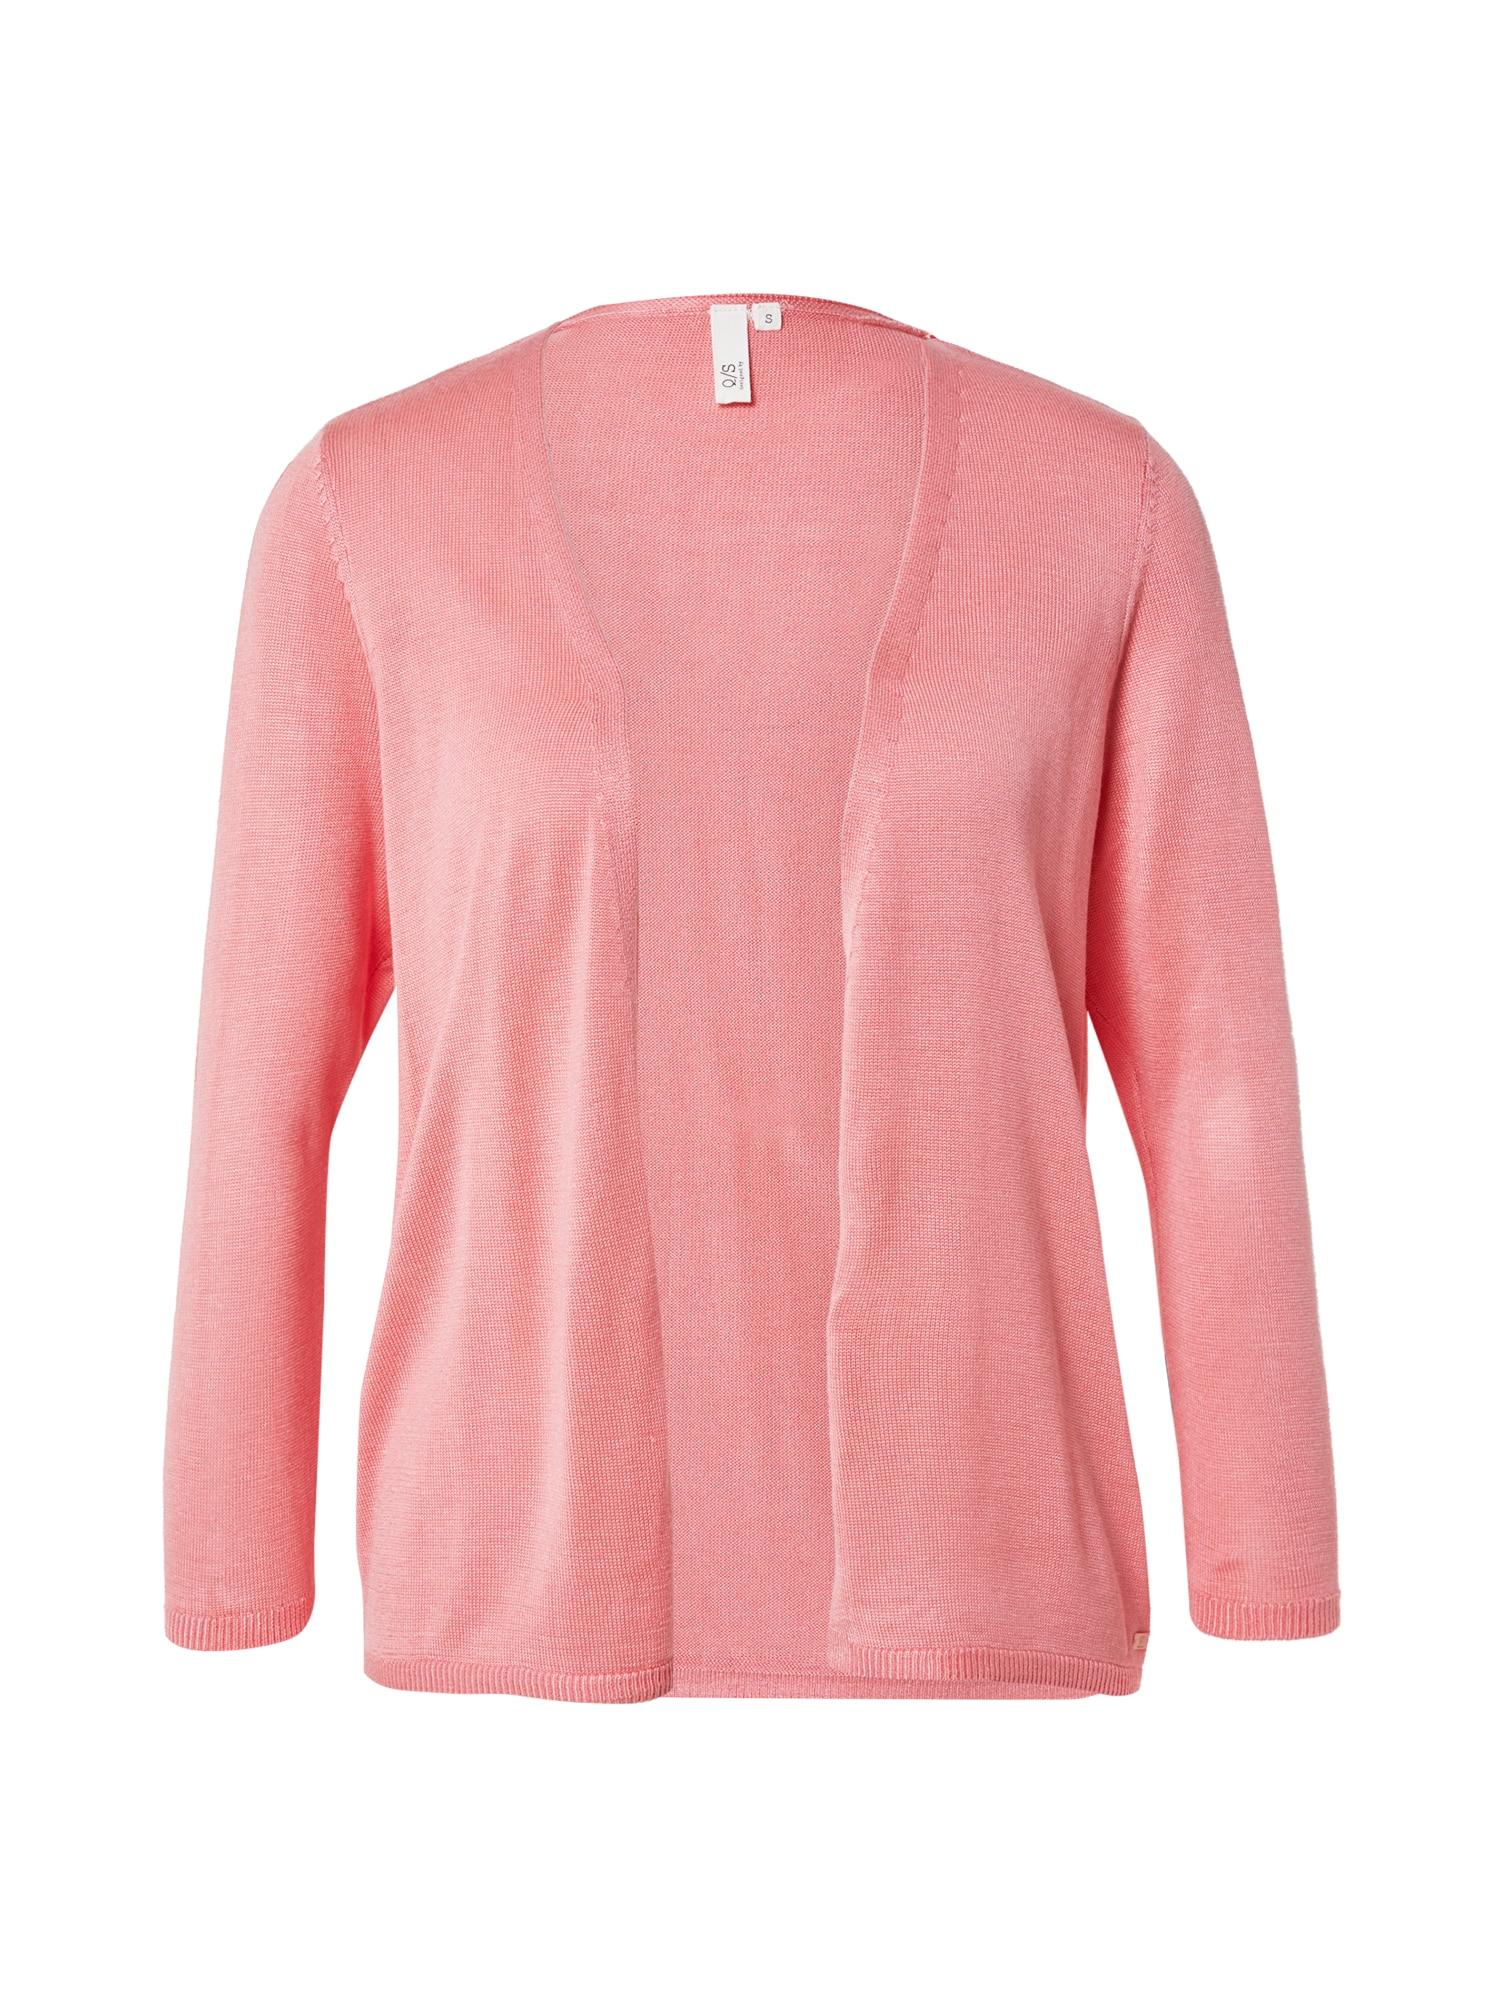 Q/S designed by Kardiganas ryškiai rožinė spalva